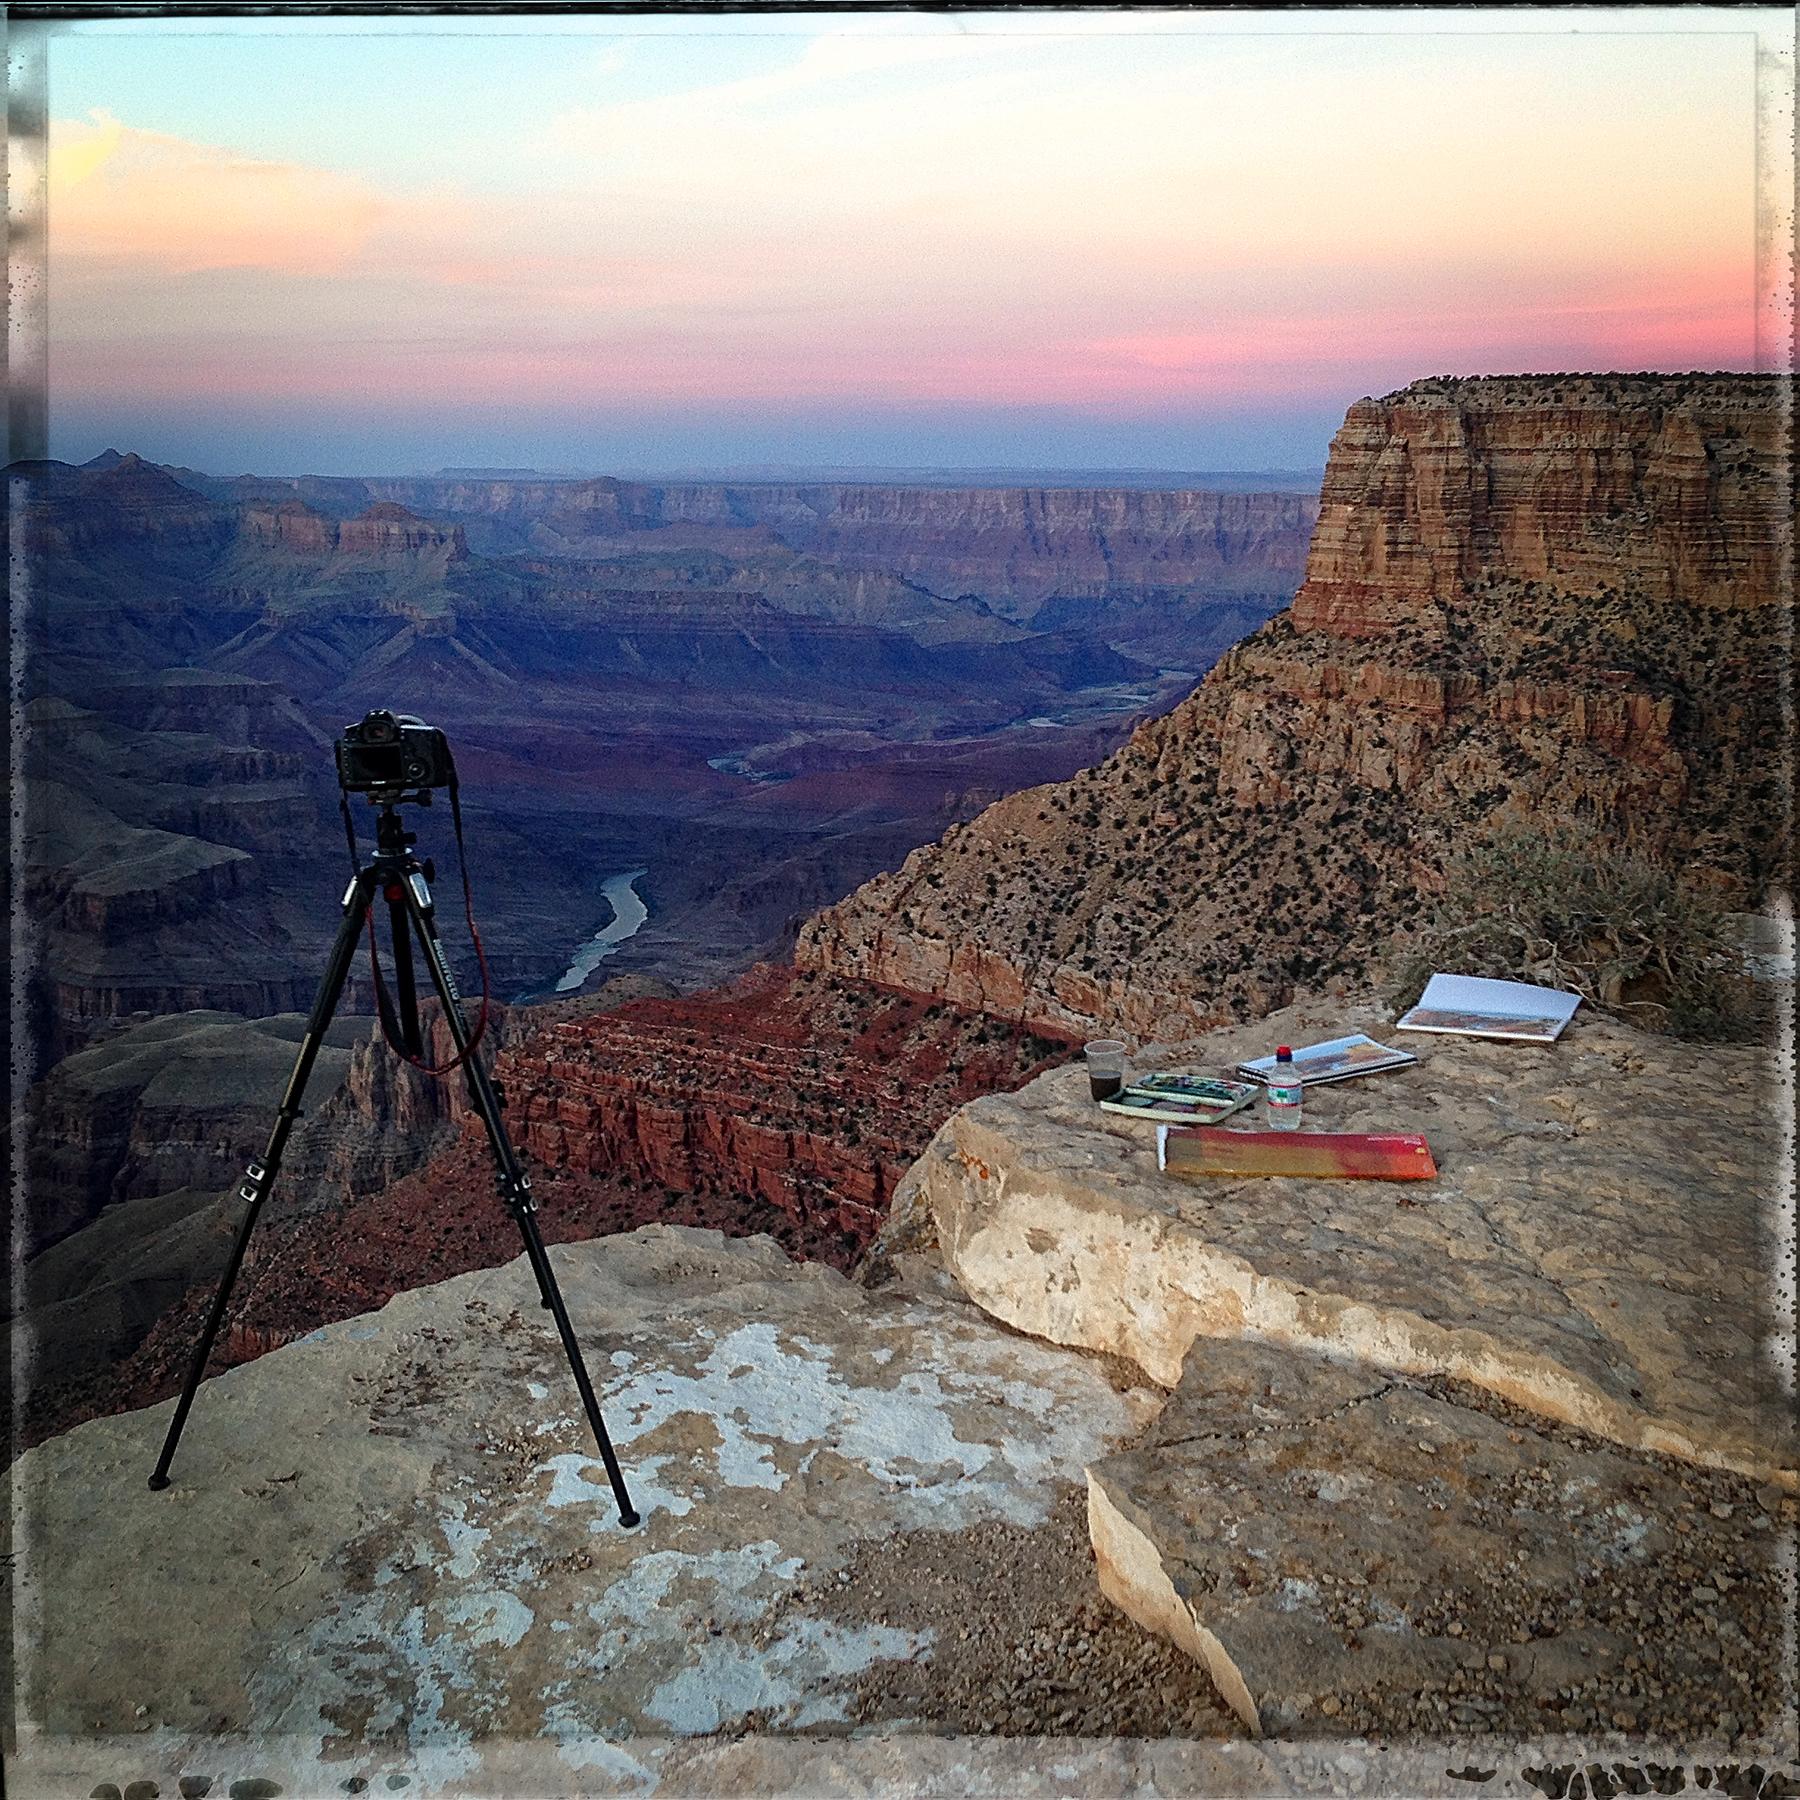 Shooting and painting at the Grand Canyon, South Rim, Arizona, October 2015